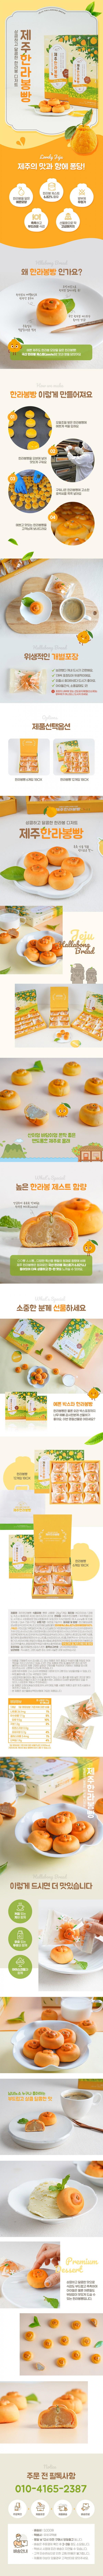 [D92]한라봉빵 상세페이지 제작 + 제품촬영